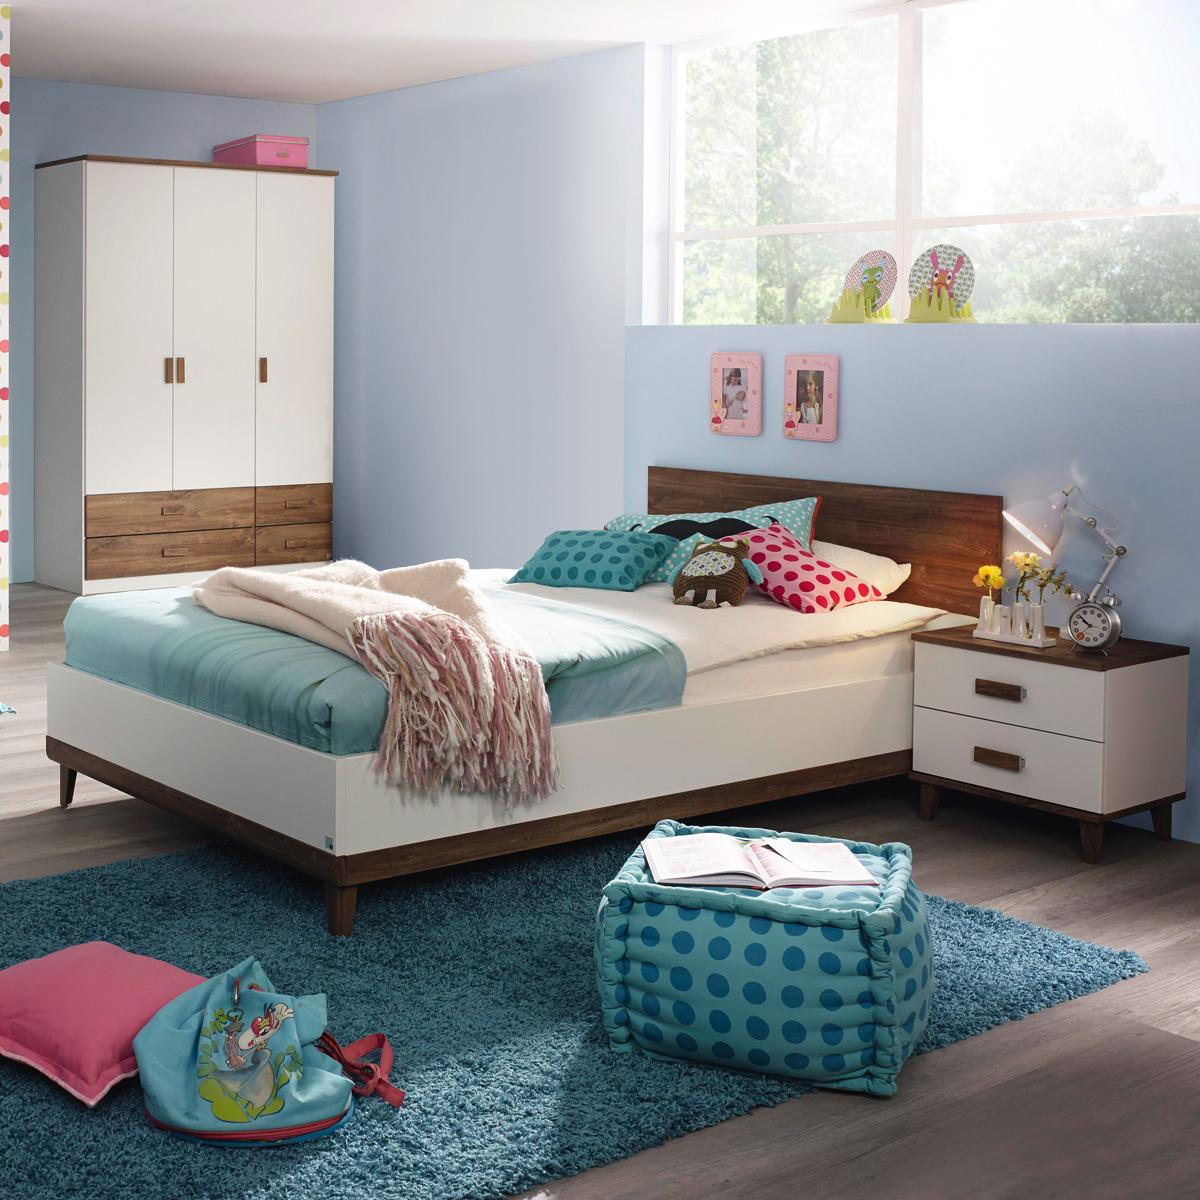 Jugendzimmer Smart Kinderzimmer Schrank Bett Nako in lila weiß ...